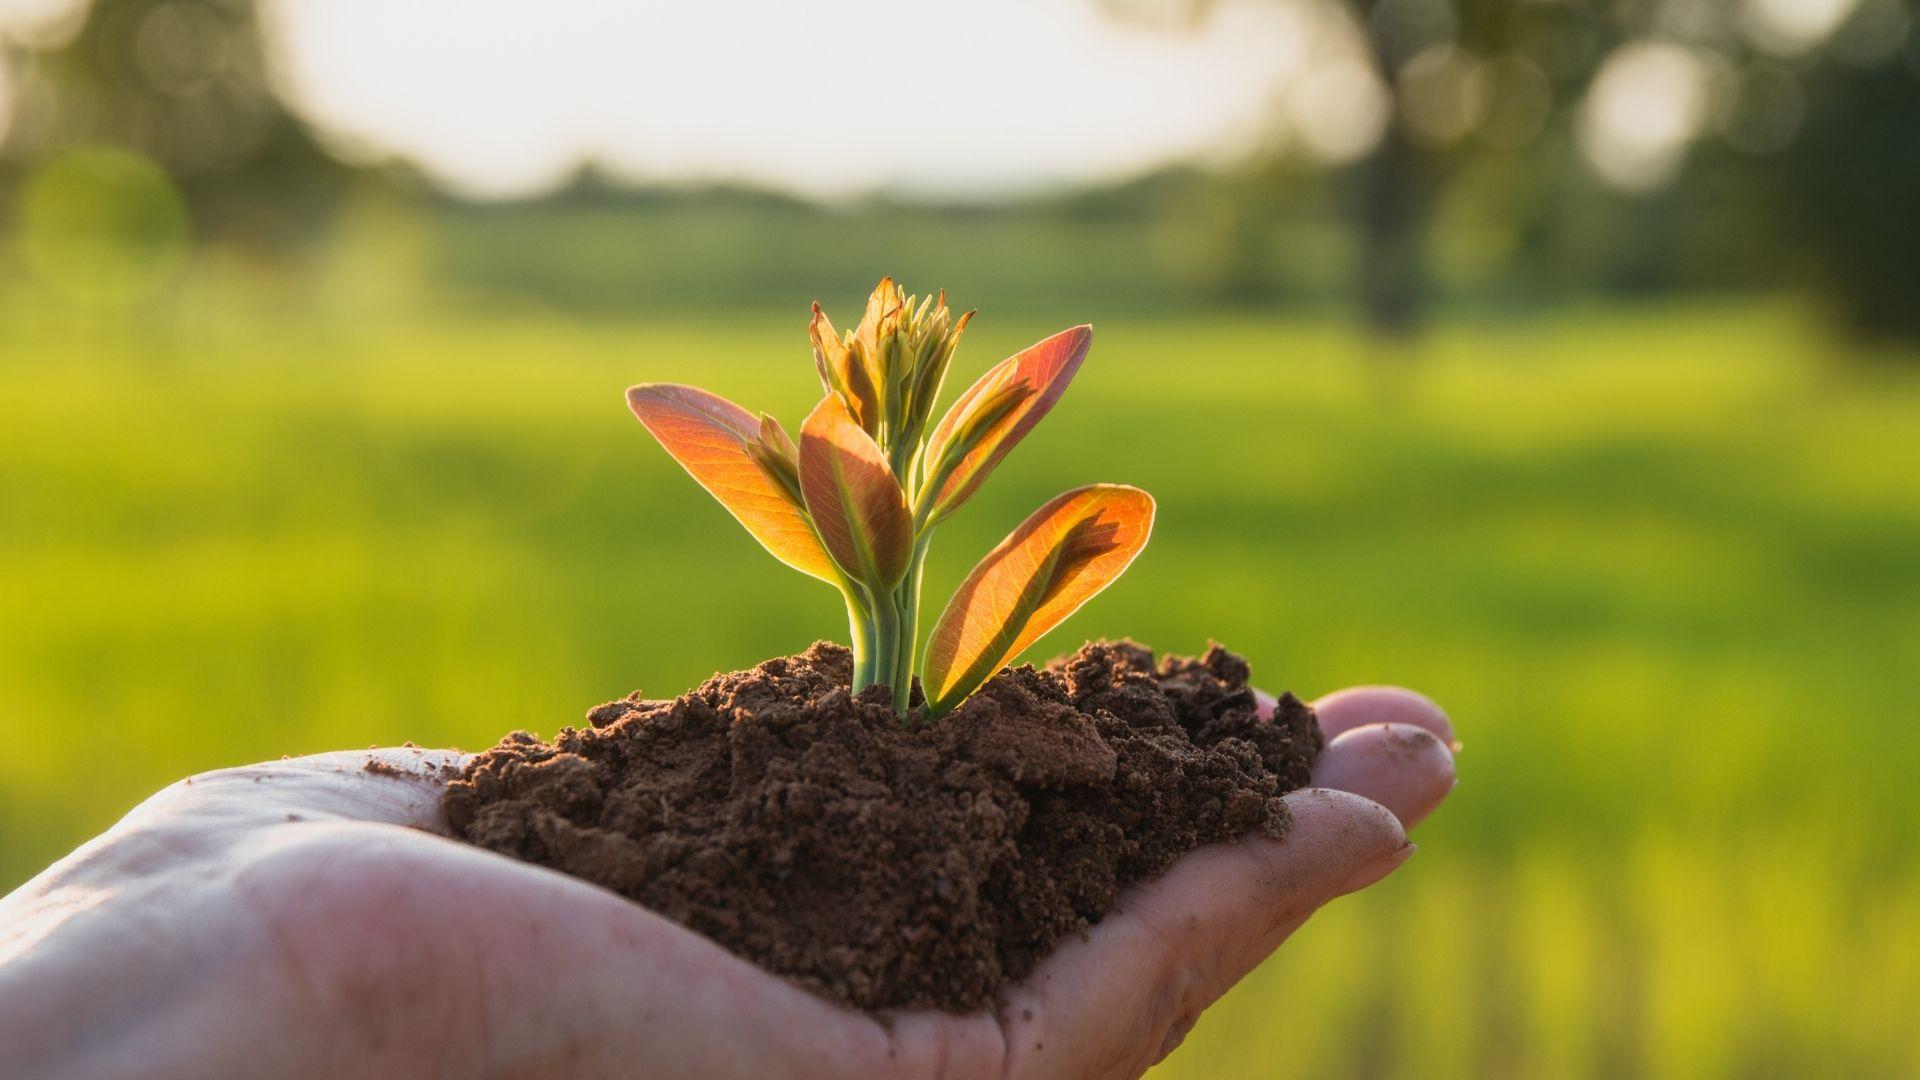 Éco-conception web : comment ancrer votre entreprise dans une démarche éco-responsable